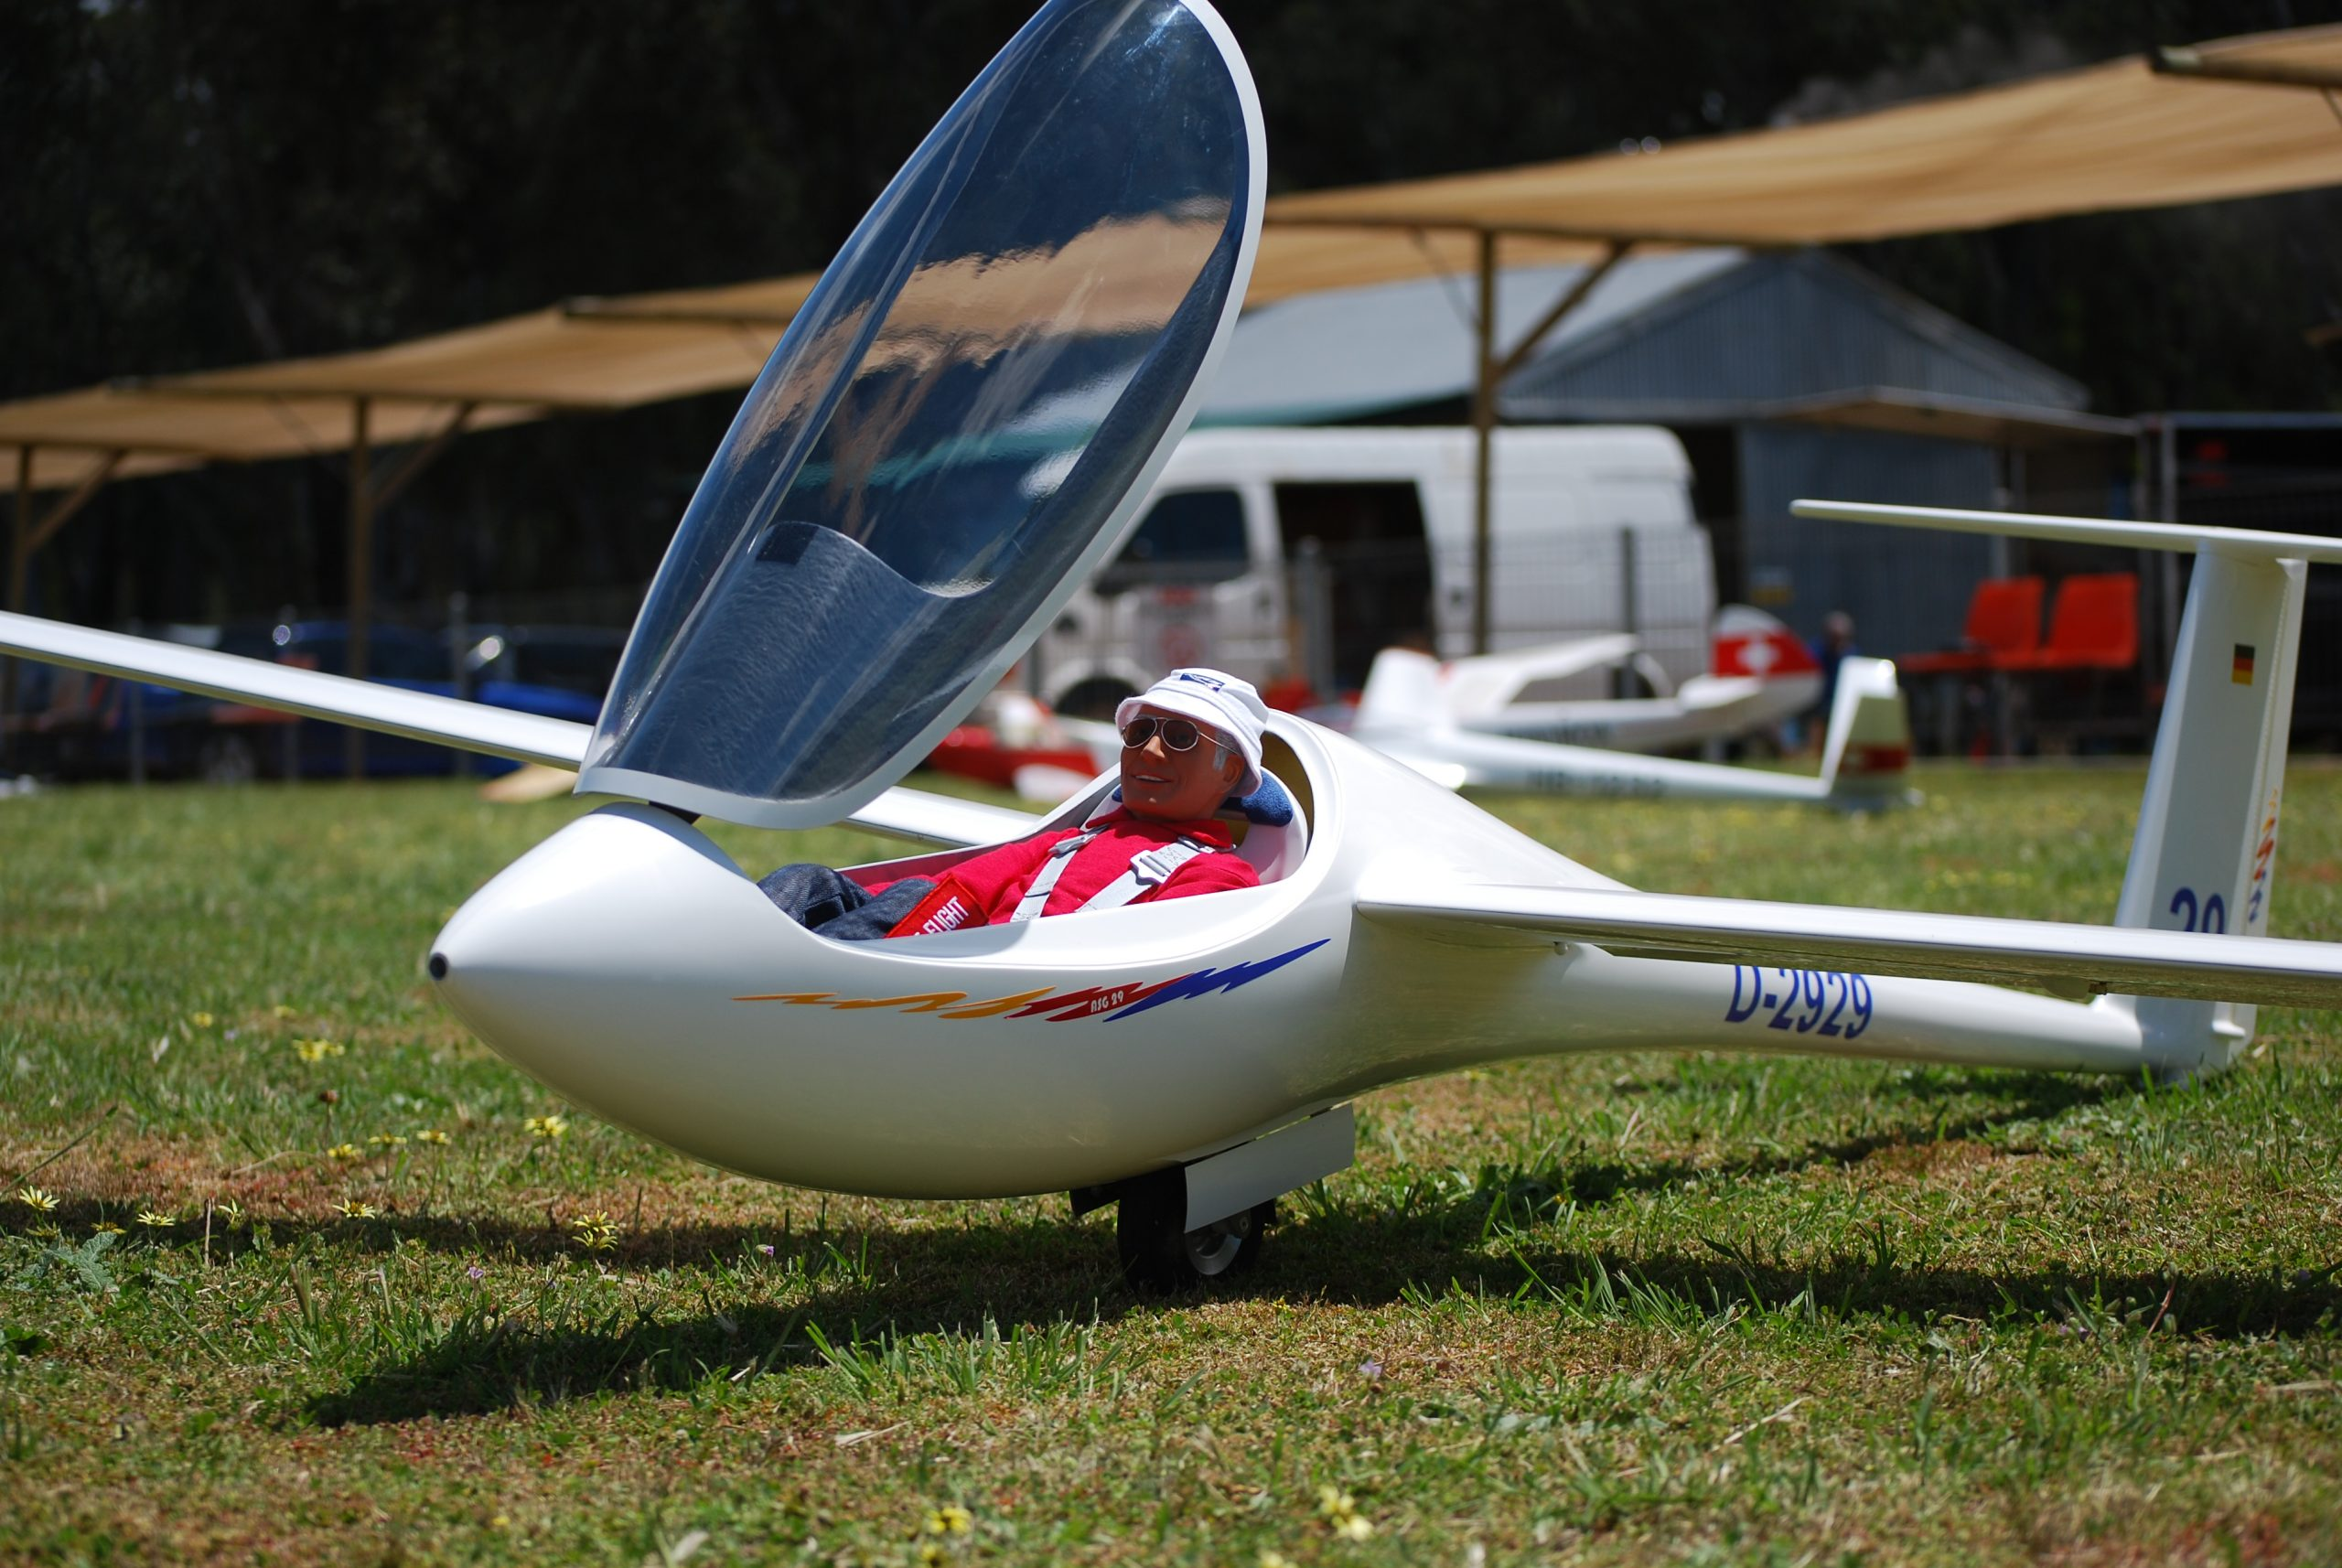 2010 Scale Aerotow event report